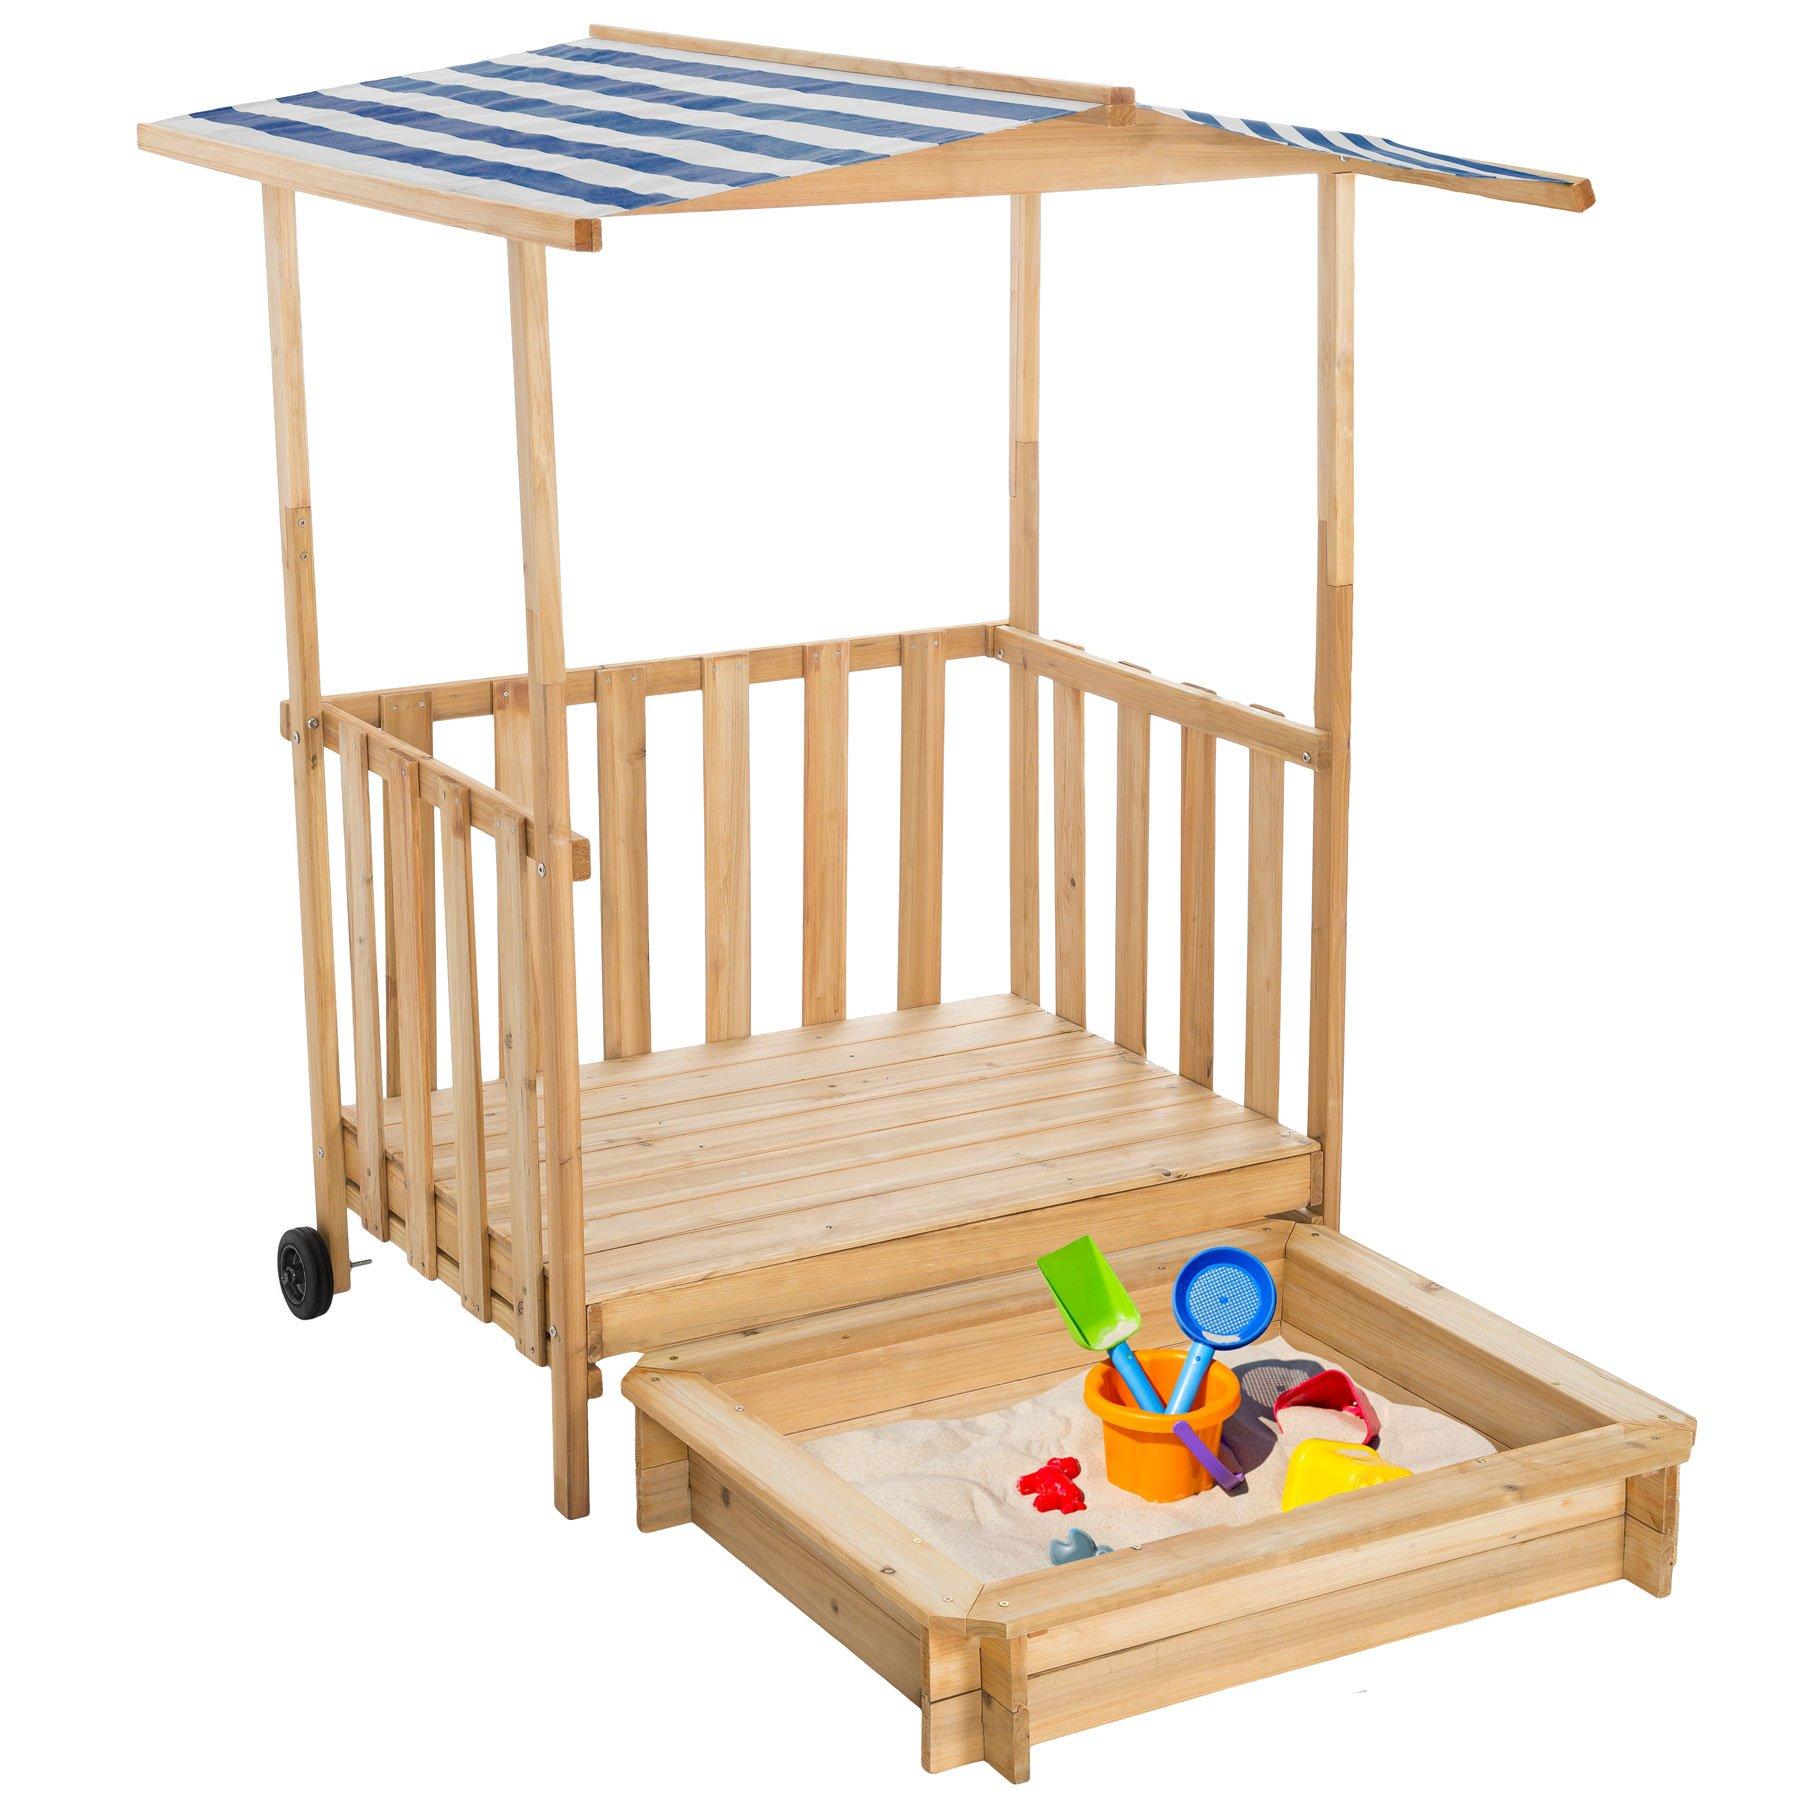 TecTake Arenero con Techo para niños Veranda Madera Protección contra el Sol (Azul | No. 401805): Amazon.es: Juguetes y juegos